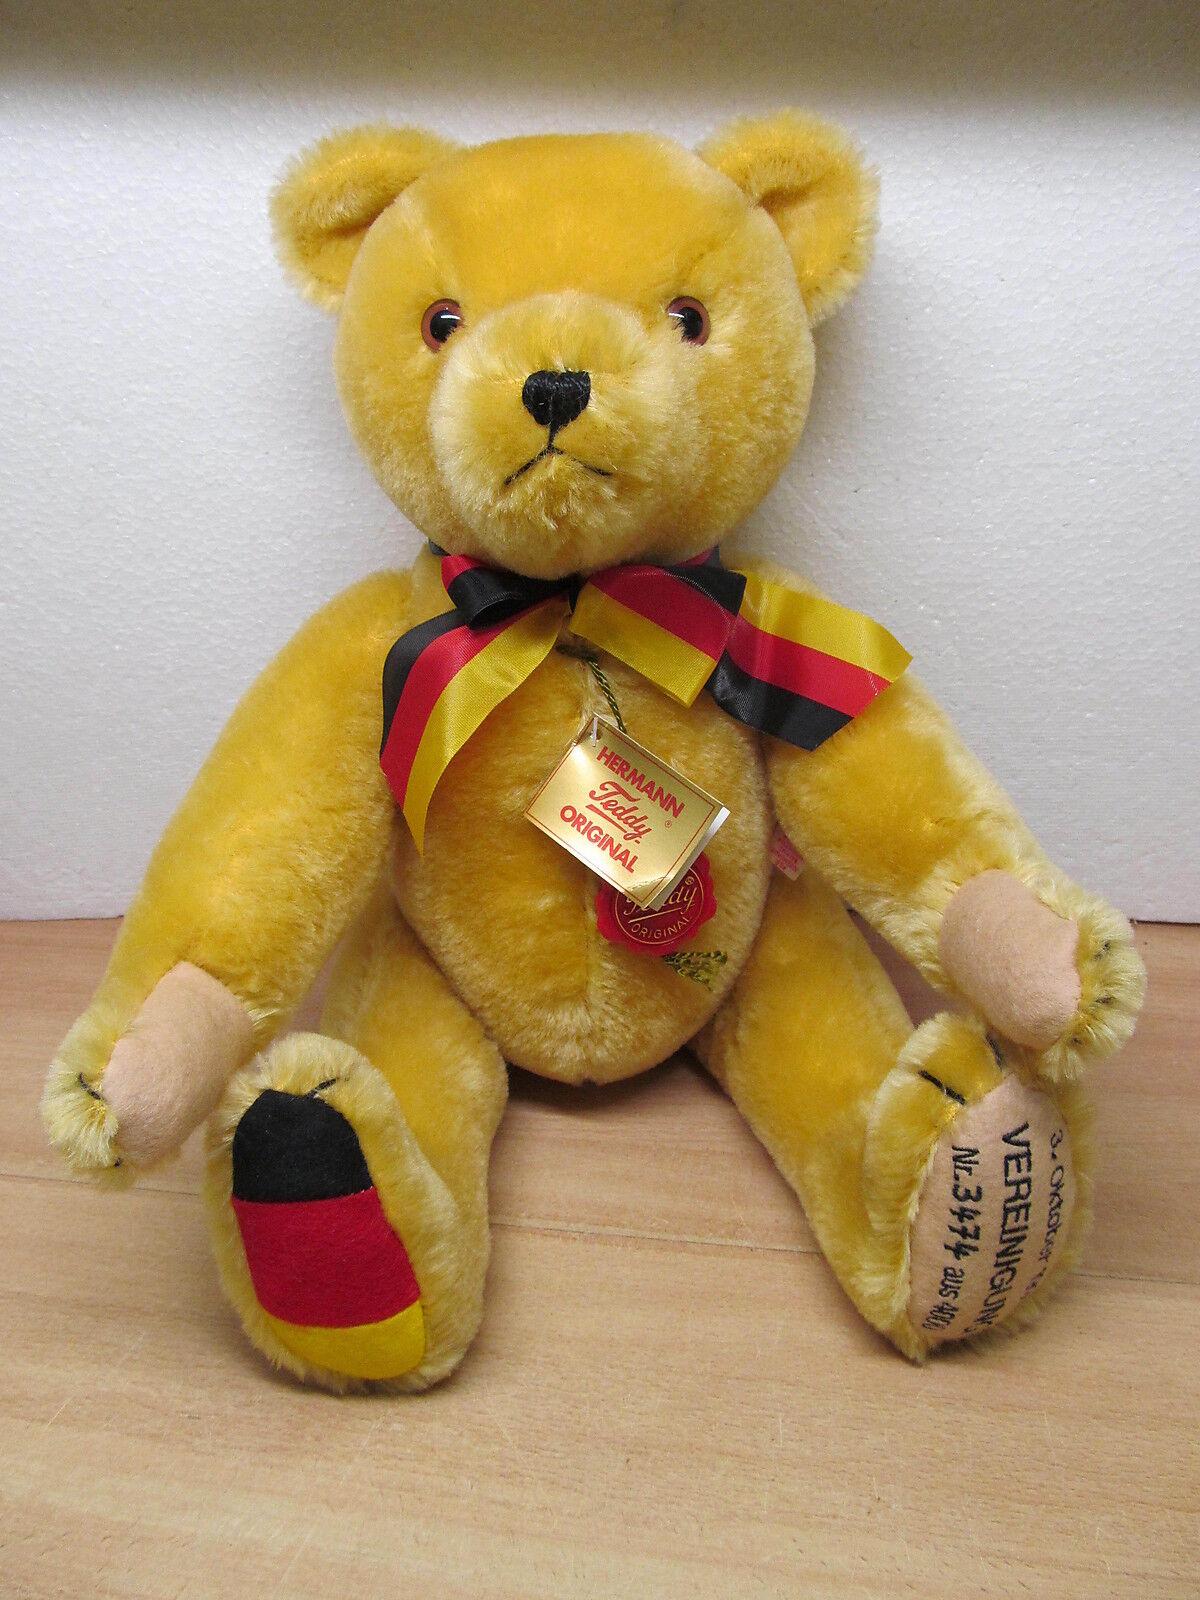 MES-37203 Neuzeitlicher Hermann Teddy Vereinigung 1990 L:ca.44cm sehr gut